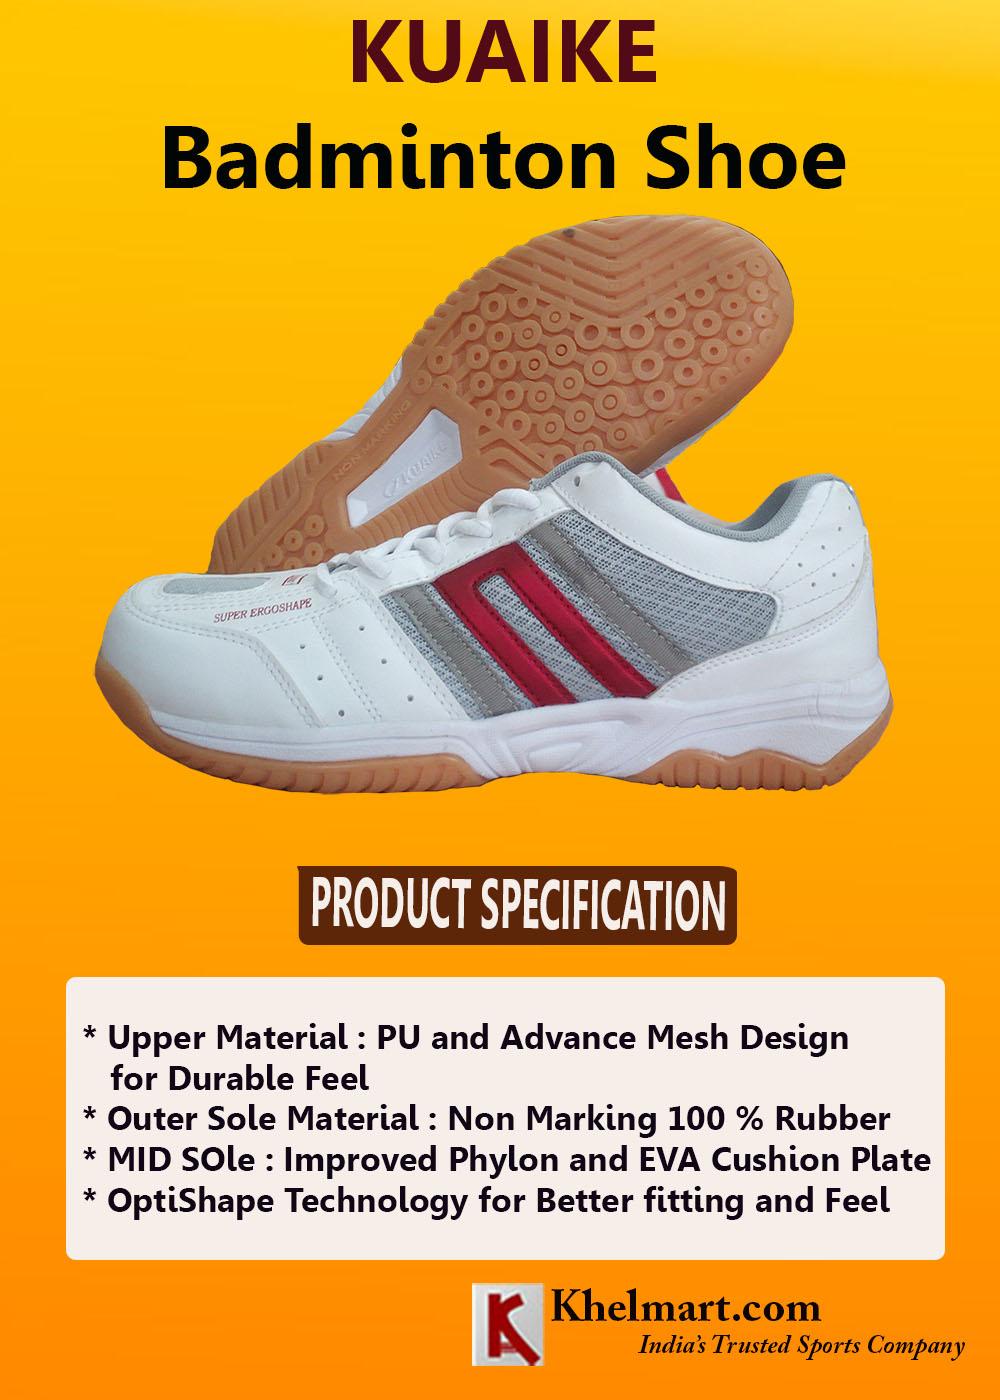 KUAIKE Badminton Shoe